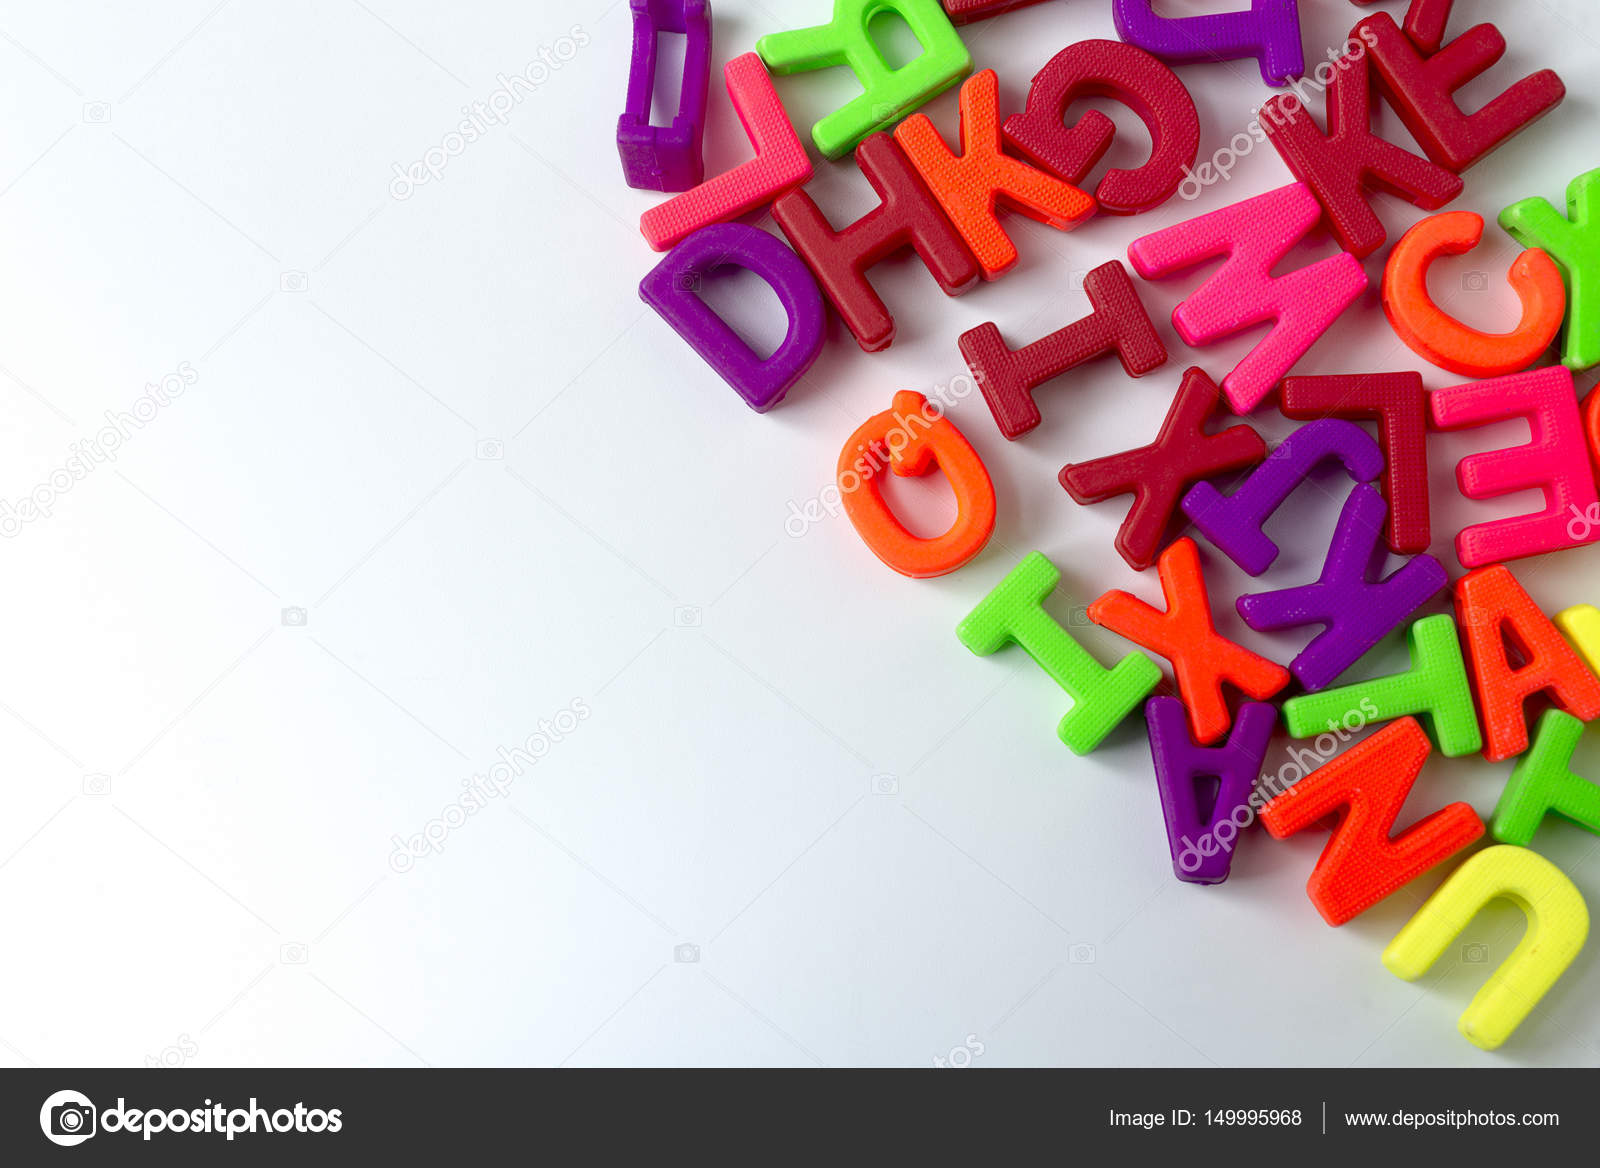 Lettere Di Legno Colorate : Lettere in legno colorate su sfondo bianco u foto stock beast